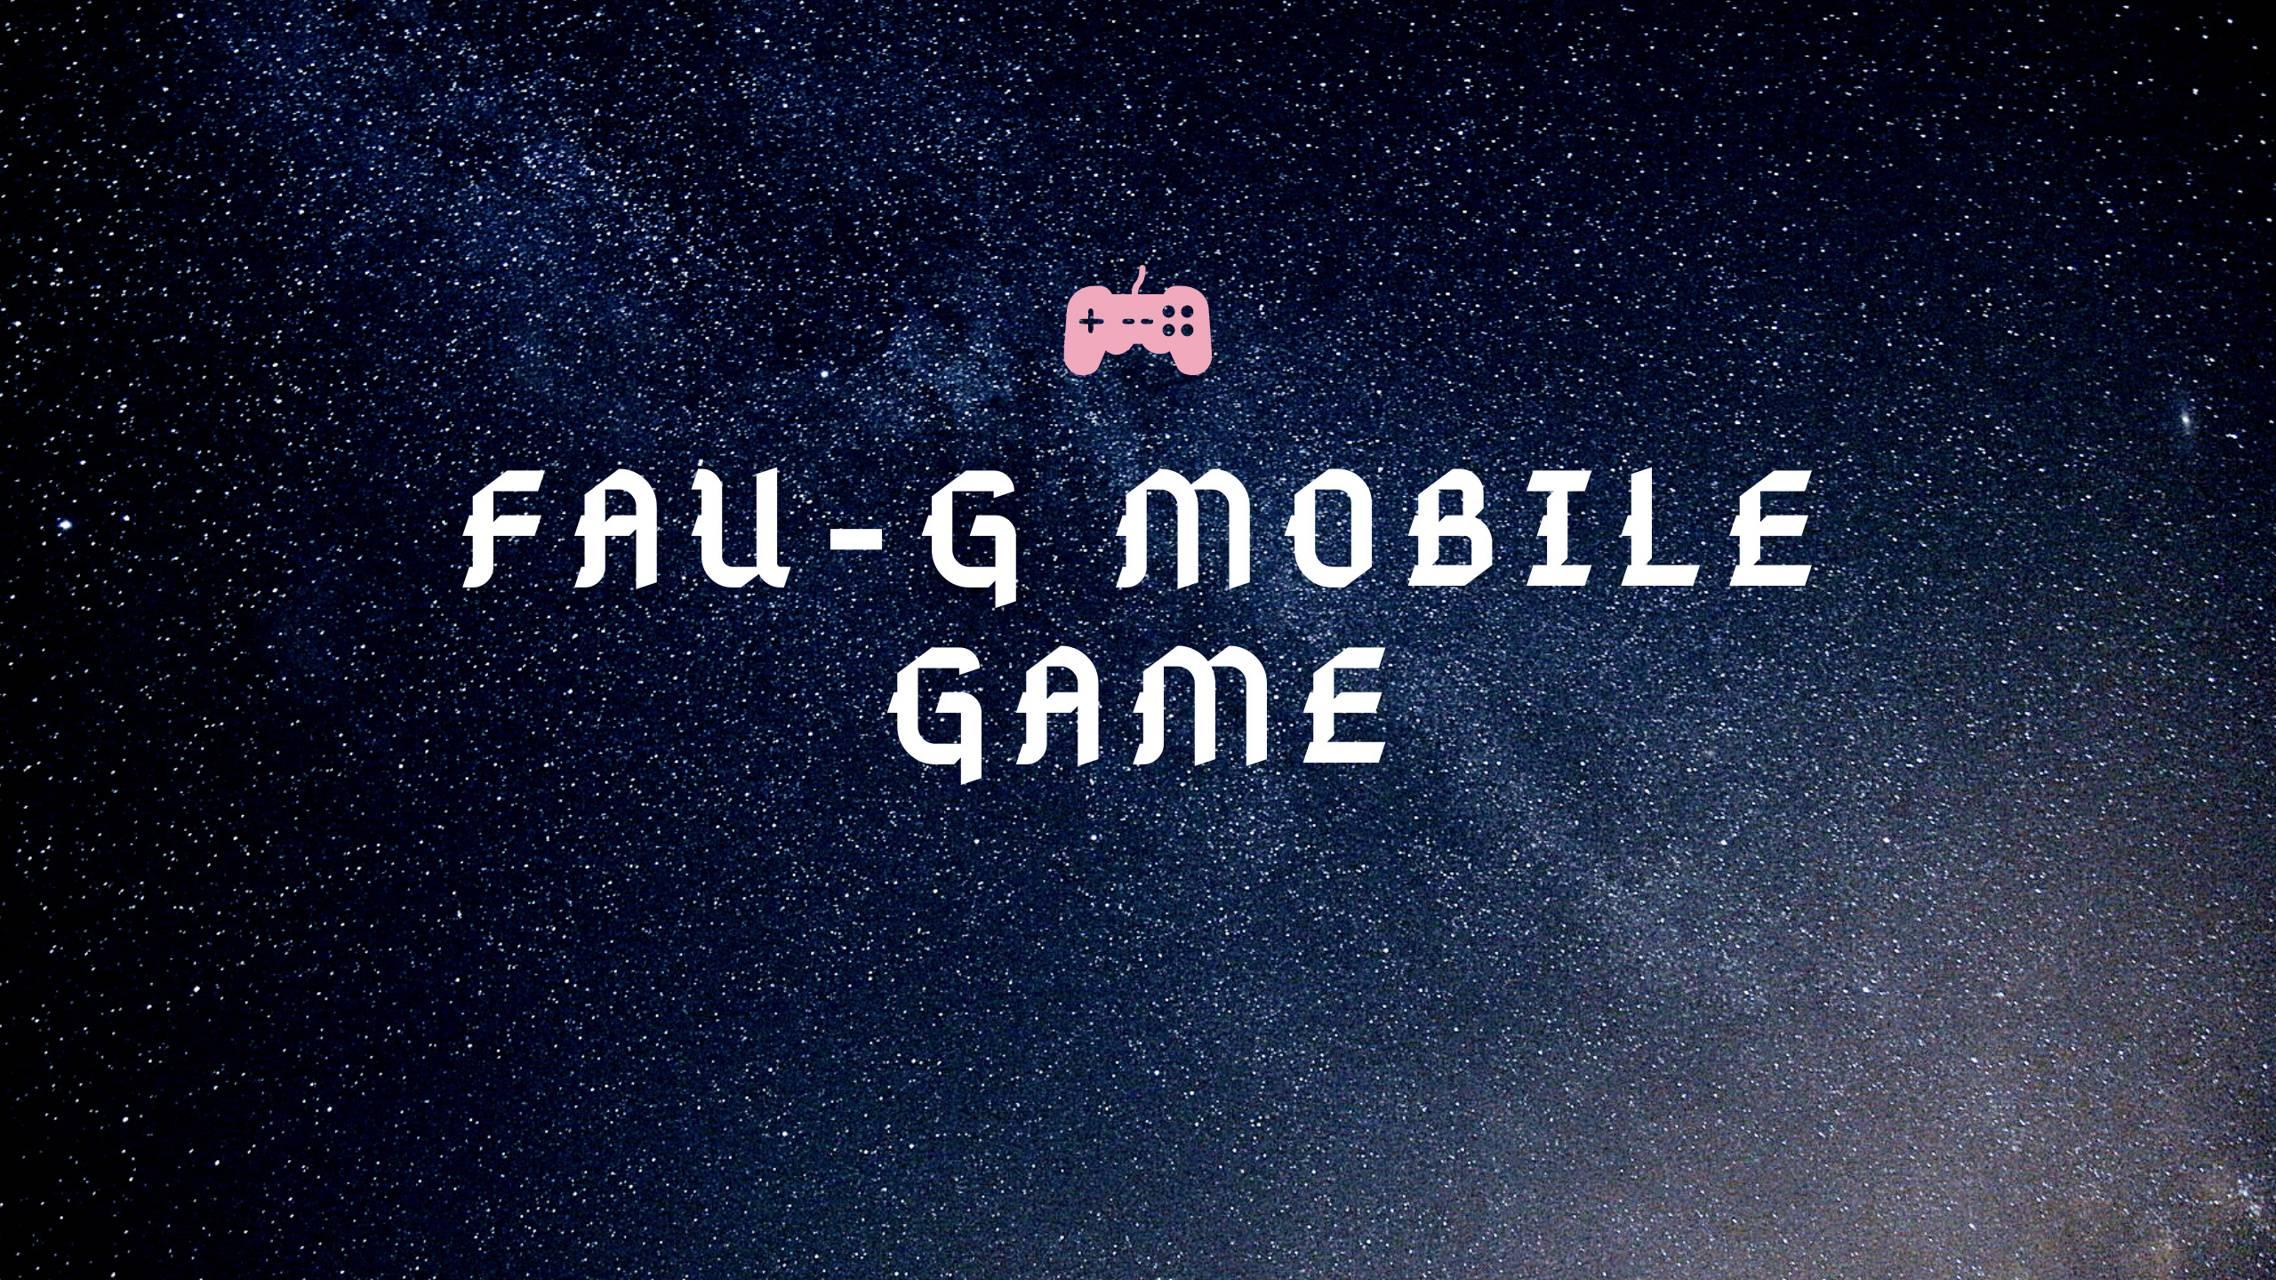 FAU-G WALLPAPER